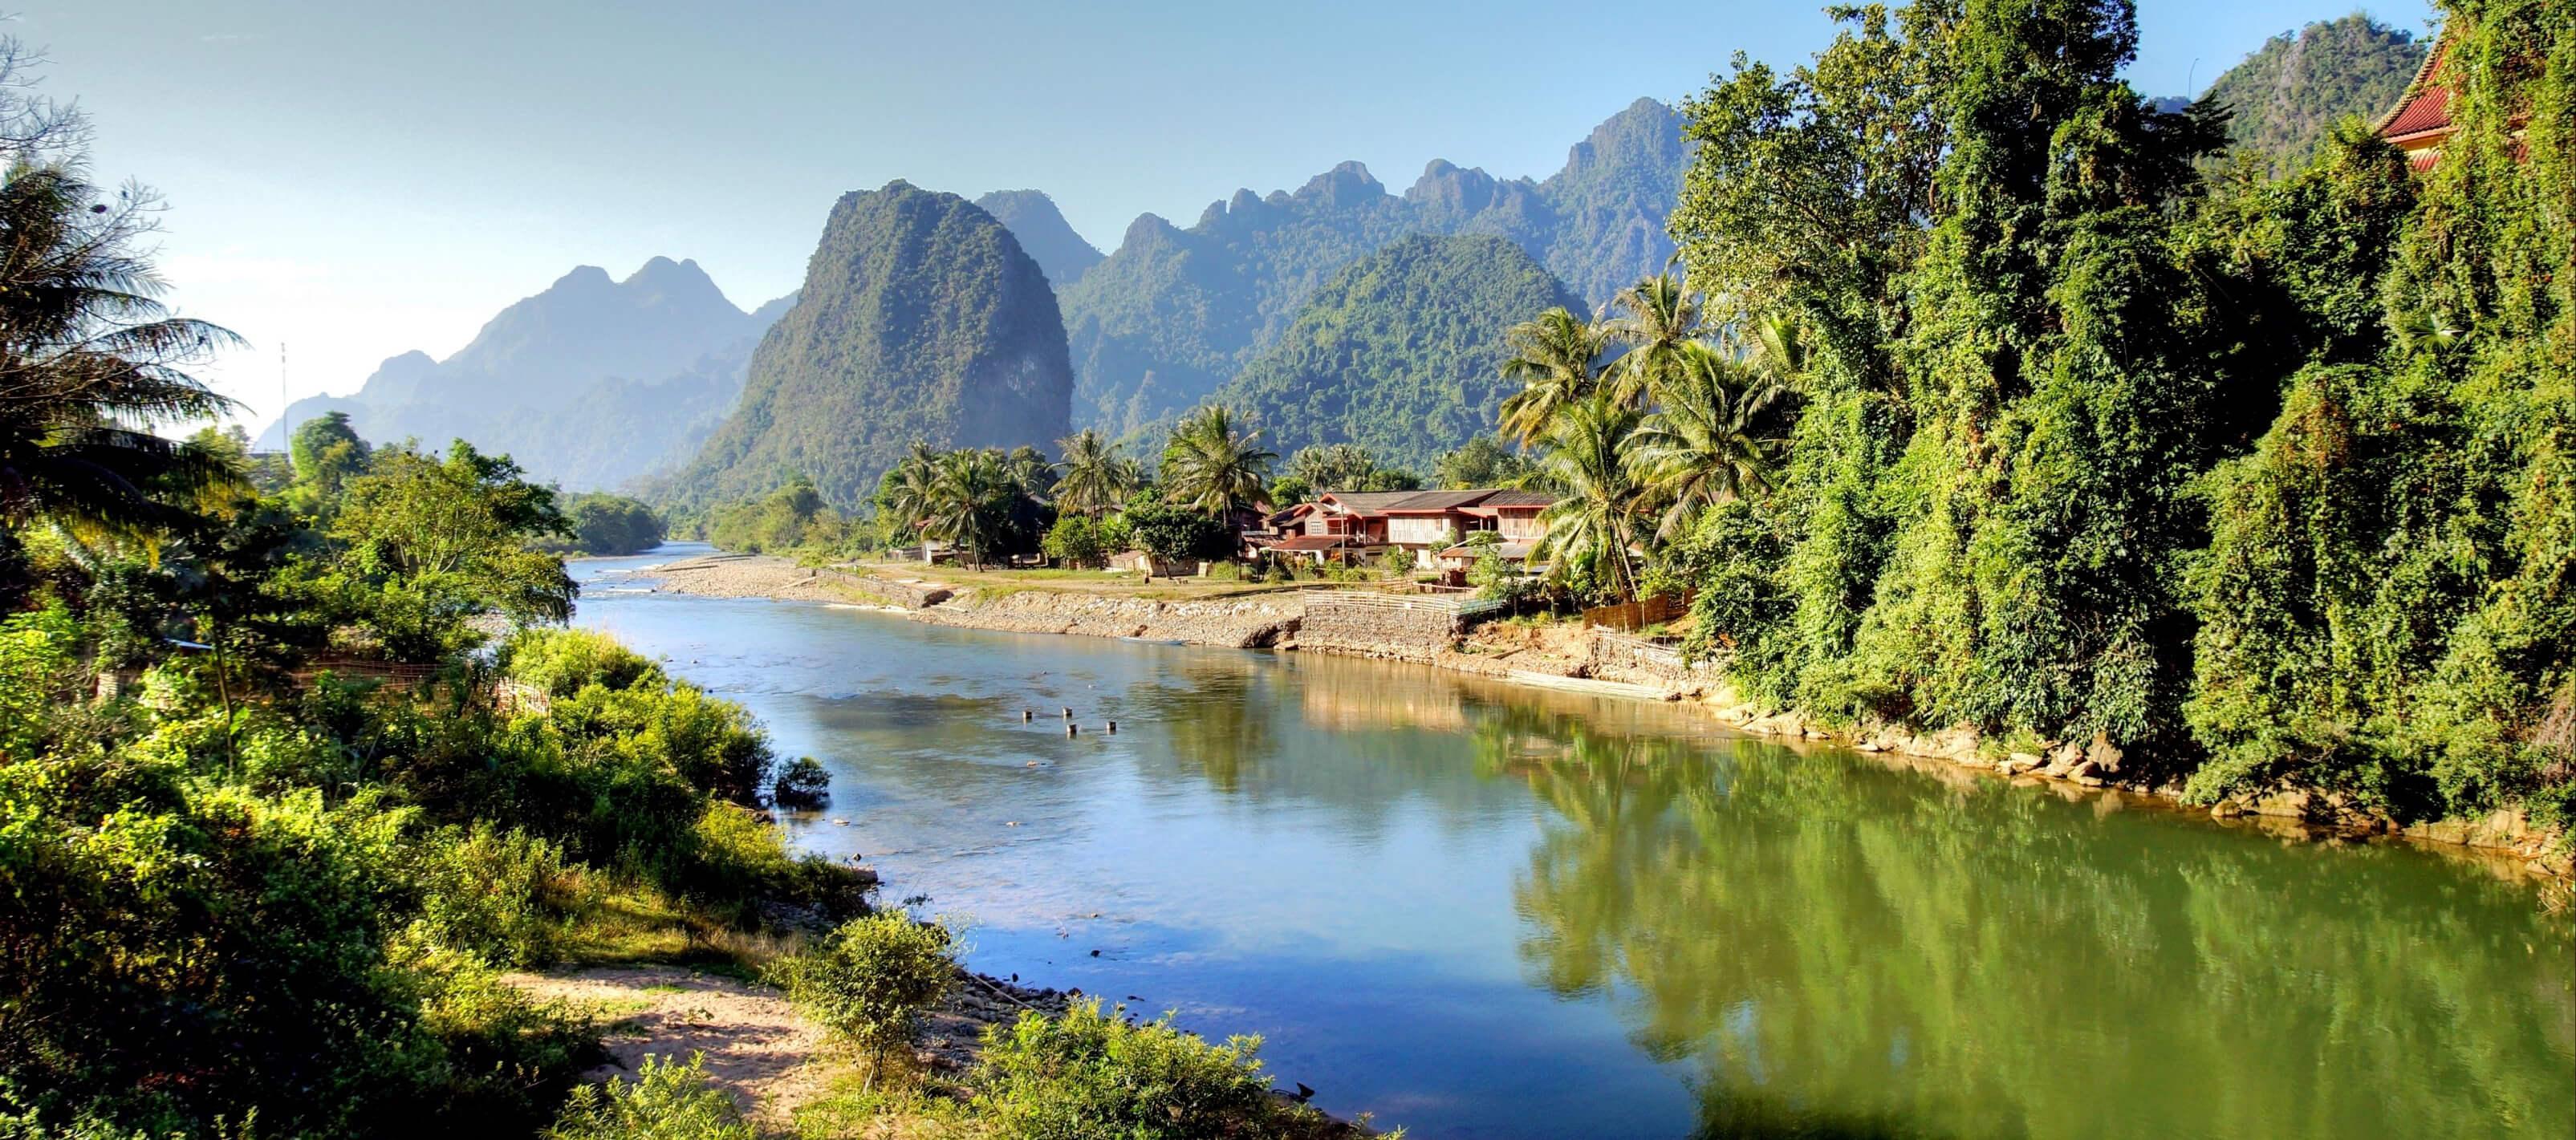 The Laos Mekong